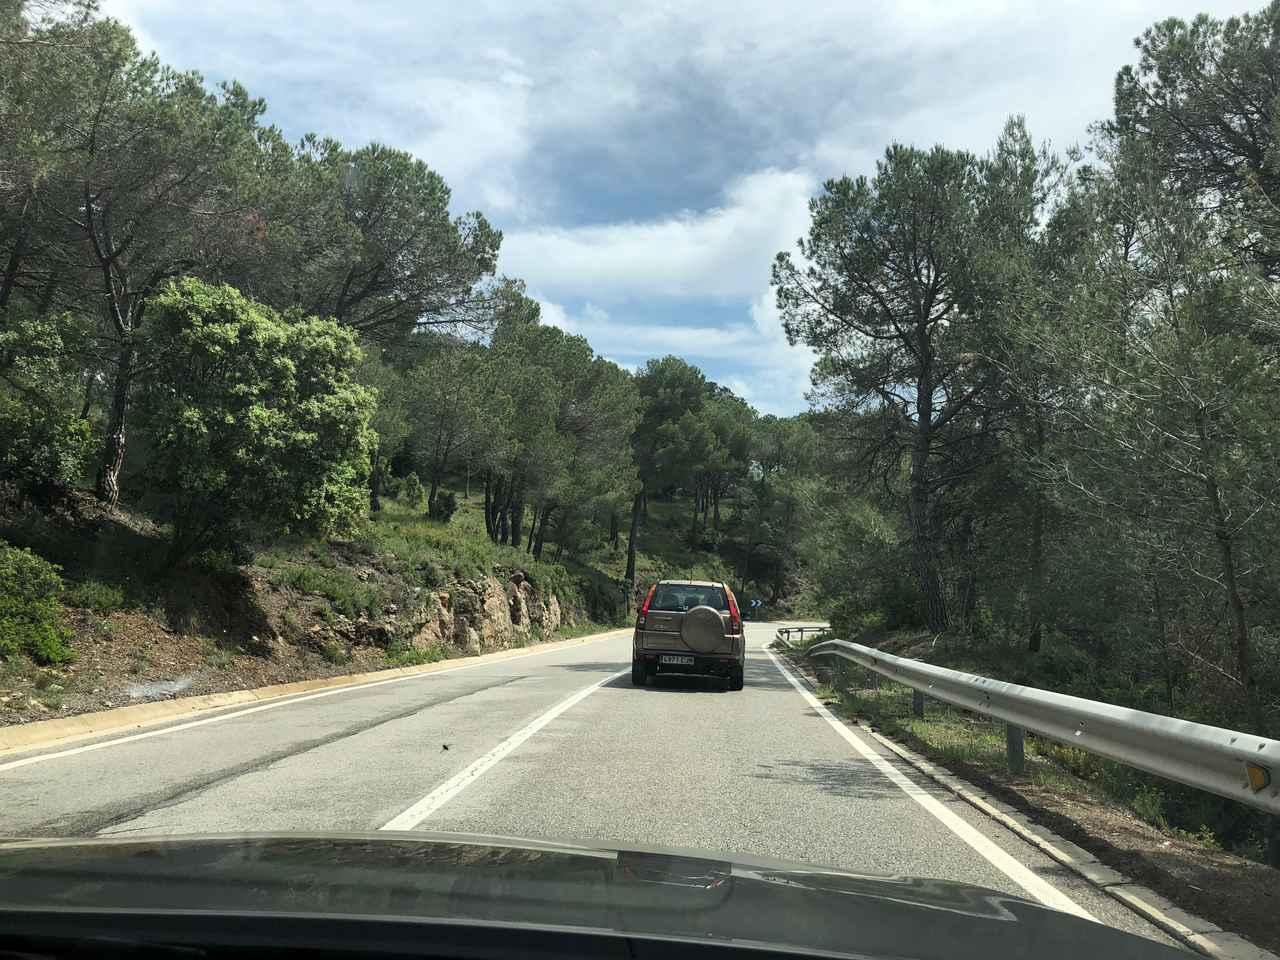 画像: スペイン タラゴナのワインディングロードでホンダCR-Vに遭遇。スマホを取り出して撮影。